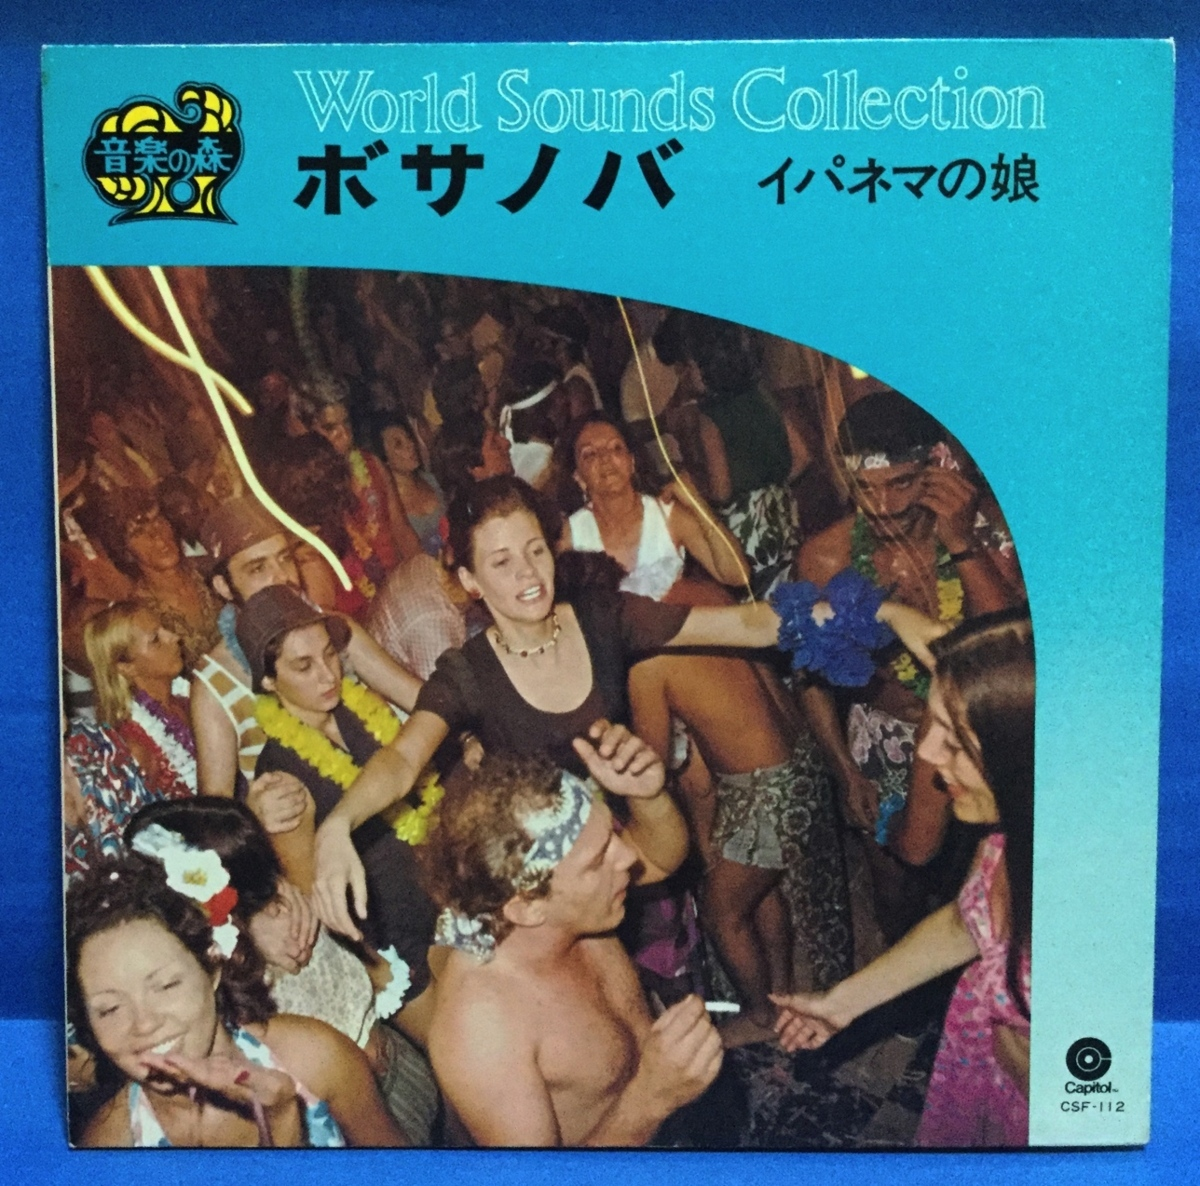 LP その他 World Sound Collection ボサノバ イパネマの娘 日本盤_画像1